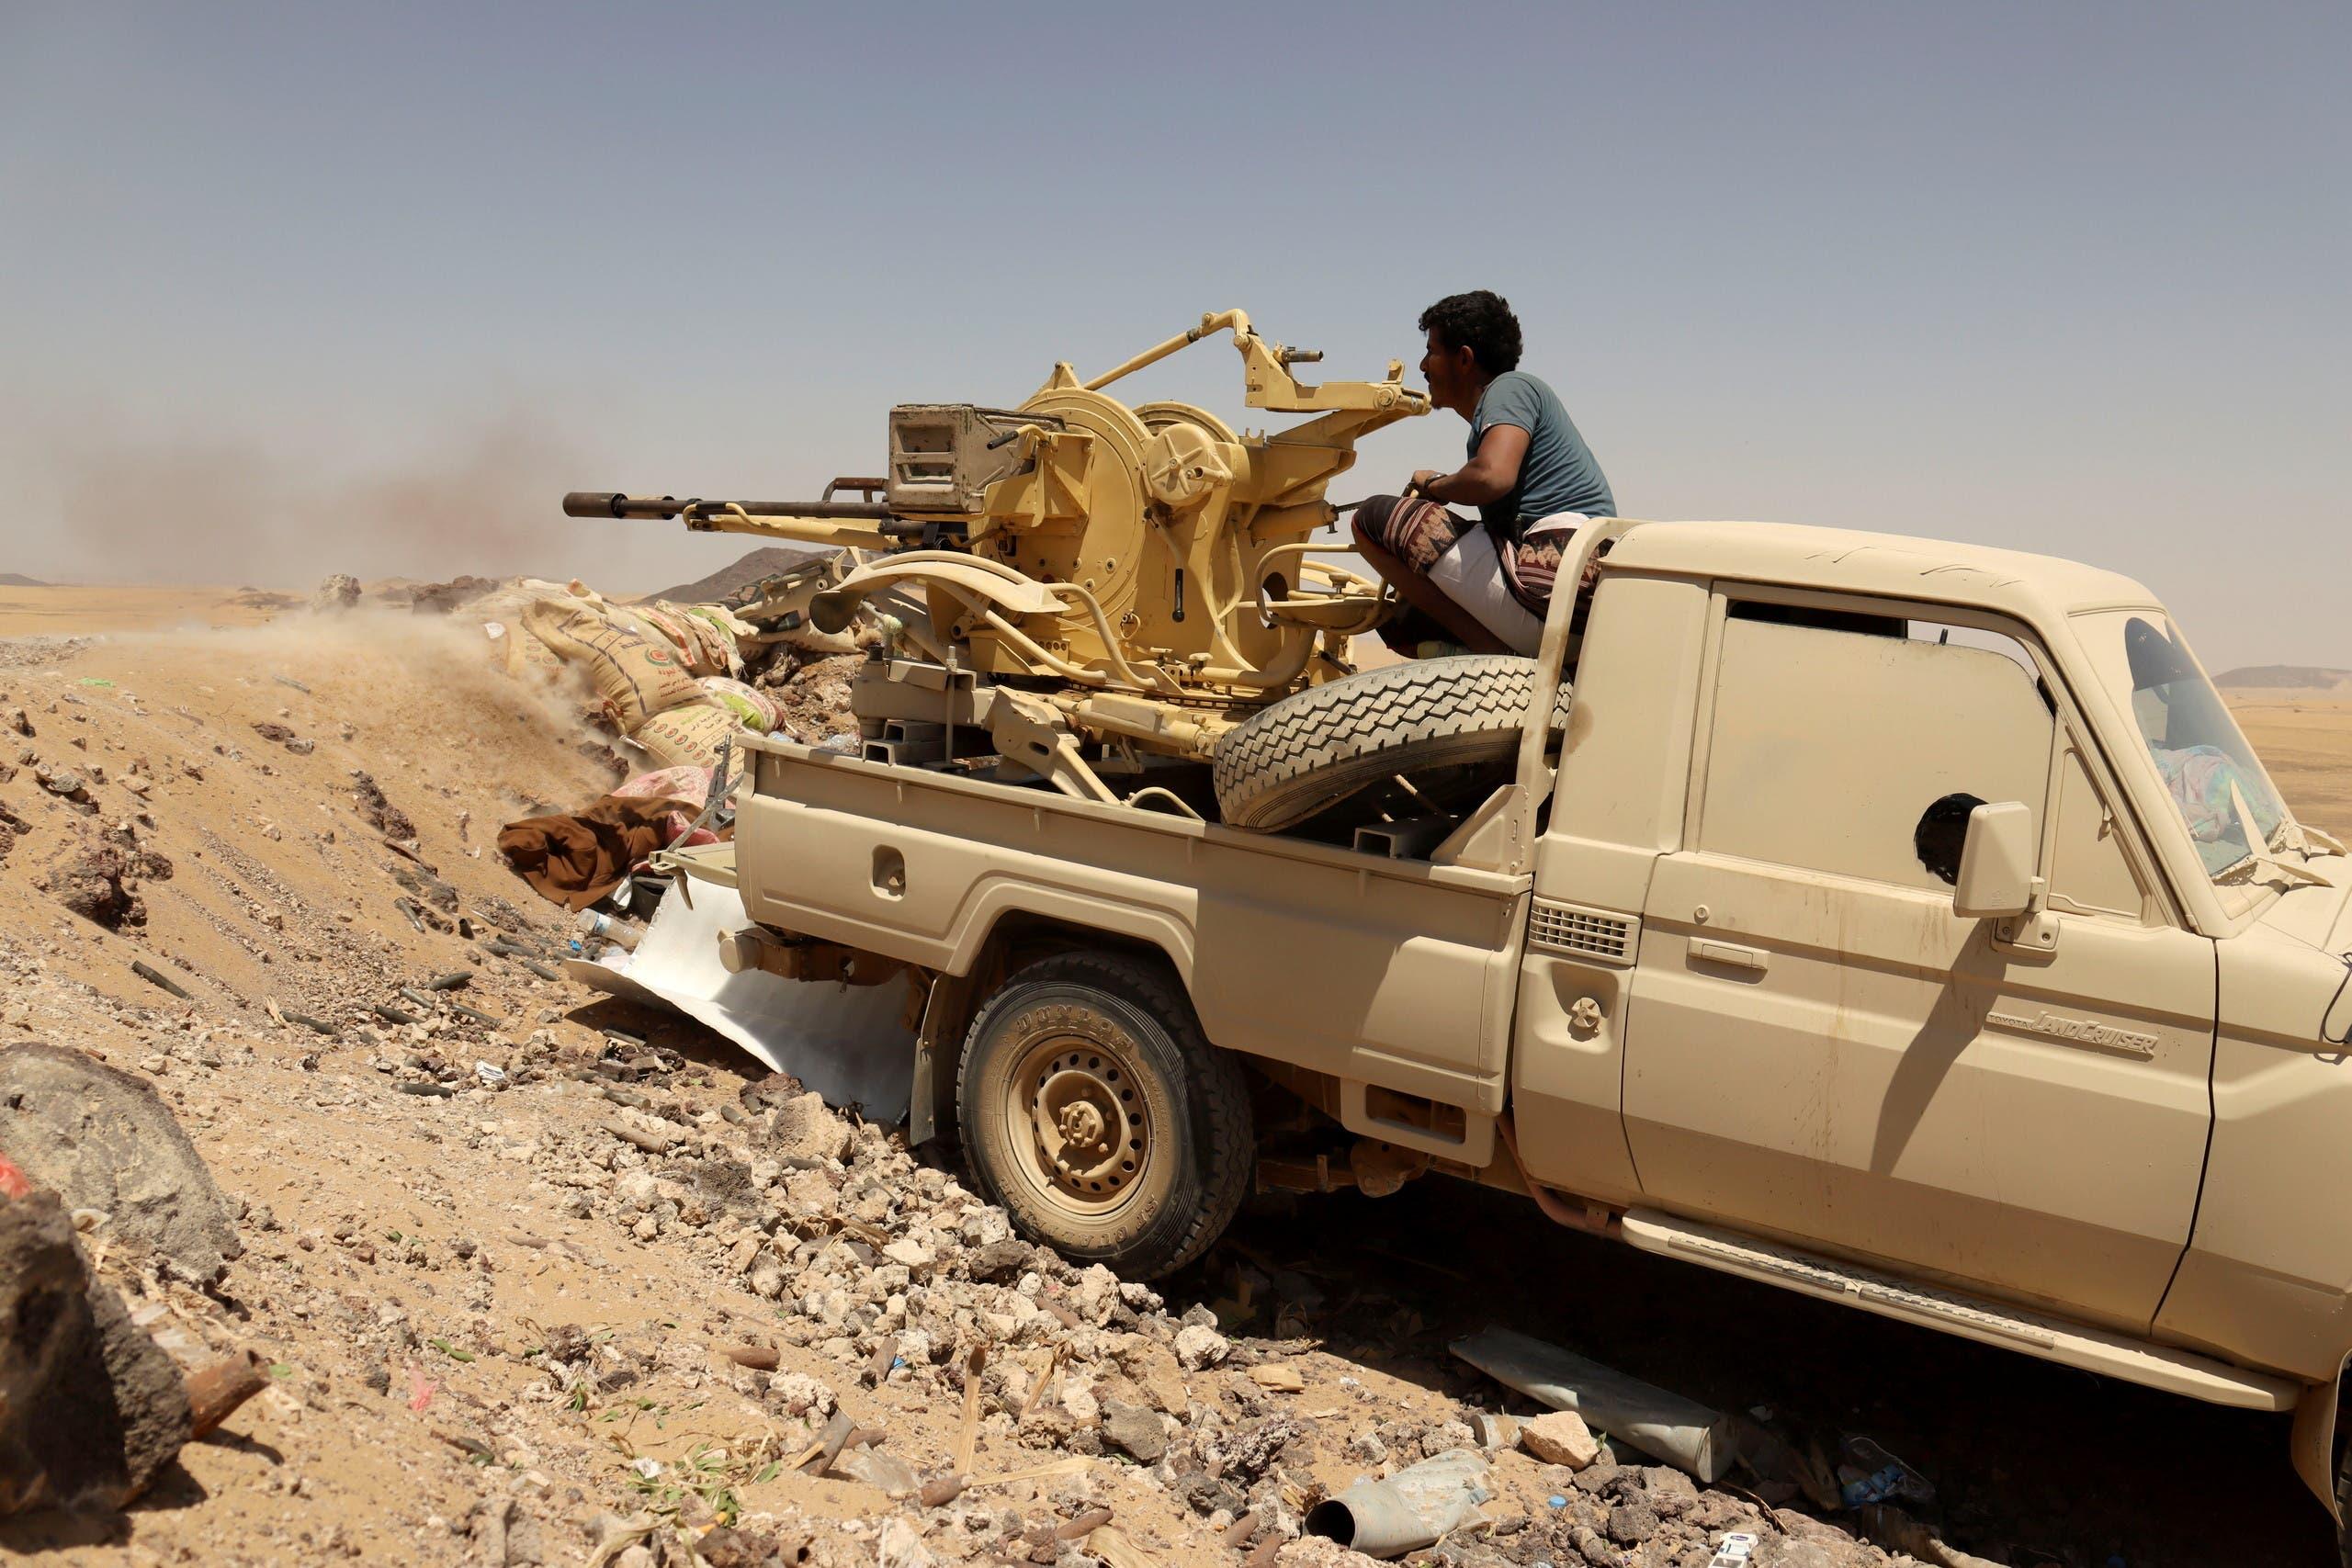 الجيش اليمني يتصدى للهجوم الحوثي في مأرب